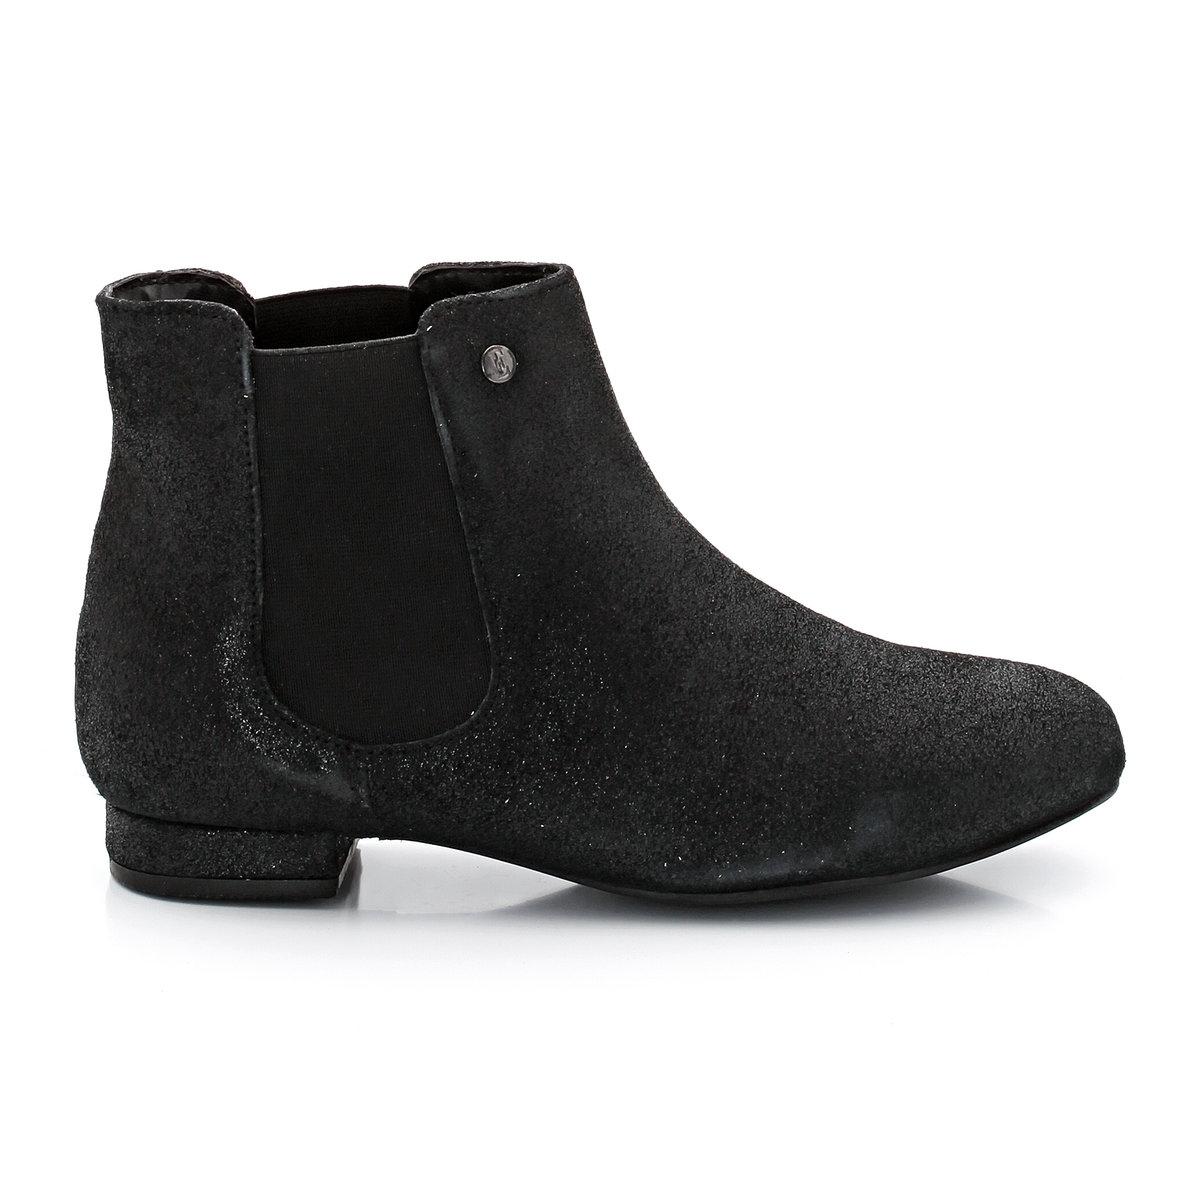 Ботинки из невыделанной кожи в стиле челсиБотинки в стиле челси для создания модного женственного образа: только ELLE!<br><br>Цвет: черный<br>Размер: 37